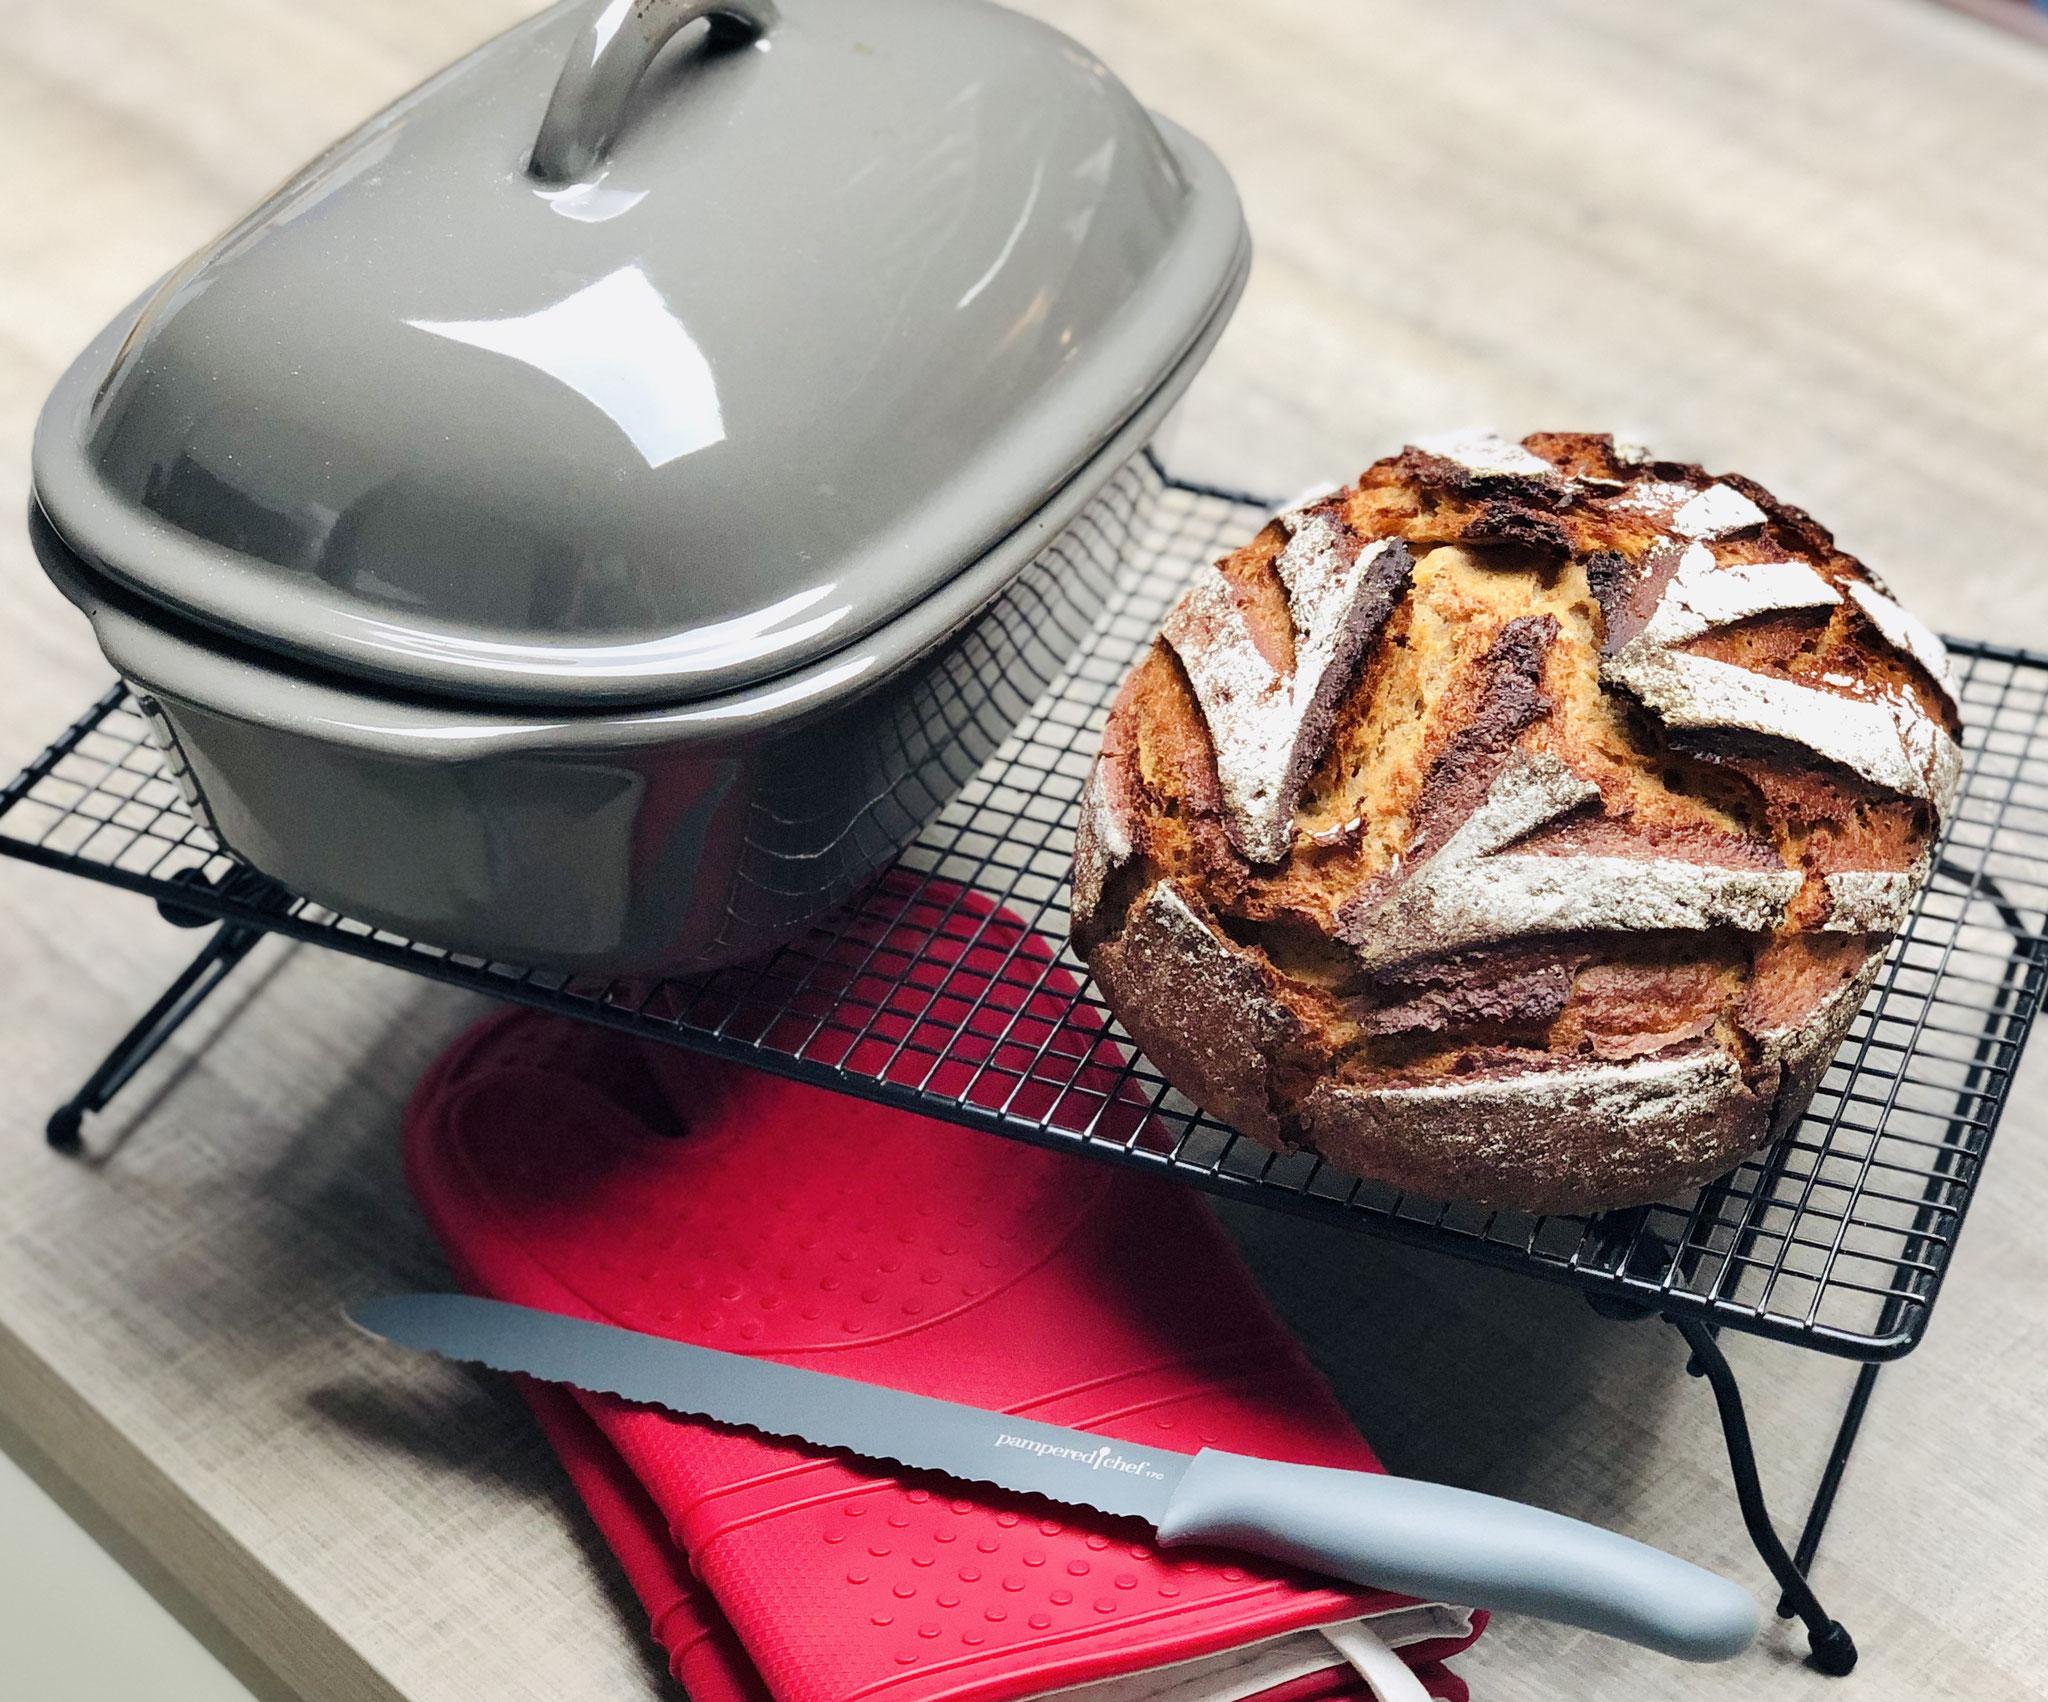 Schau dir das dampfende knusprige Brot an ♥ Stürze das Brot auf das Kuchengitter mit Füssen und lasse es so abdampfen...